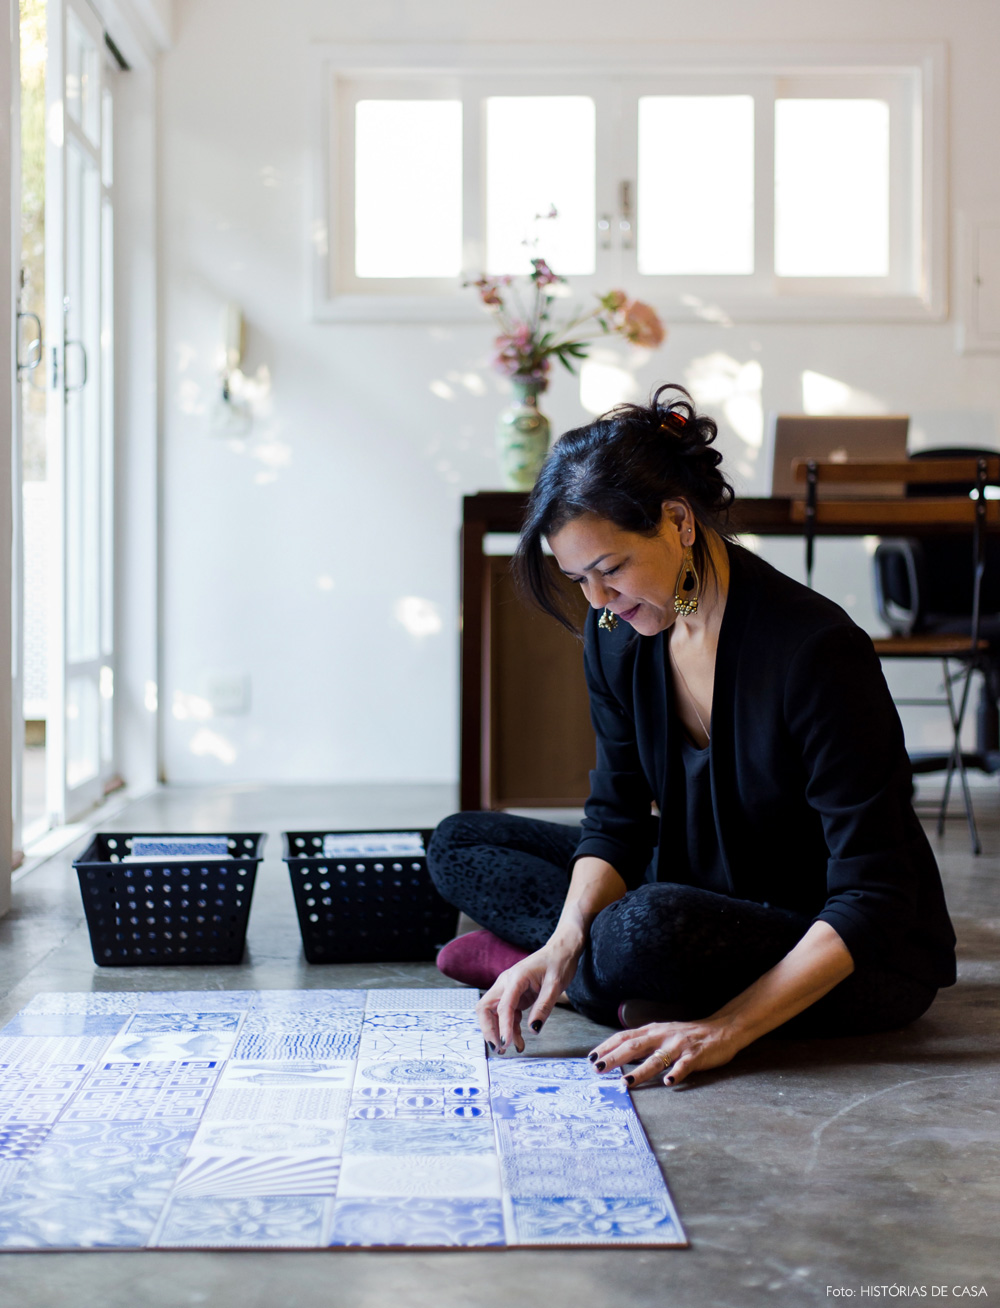 33-decoracao-atelie-calu-fontes-montagem-painel-azulejos